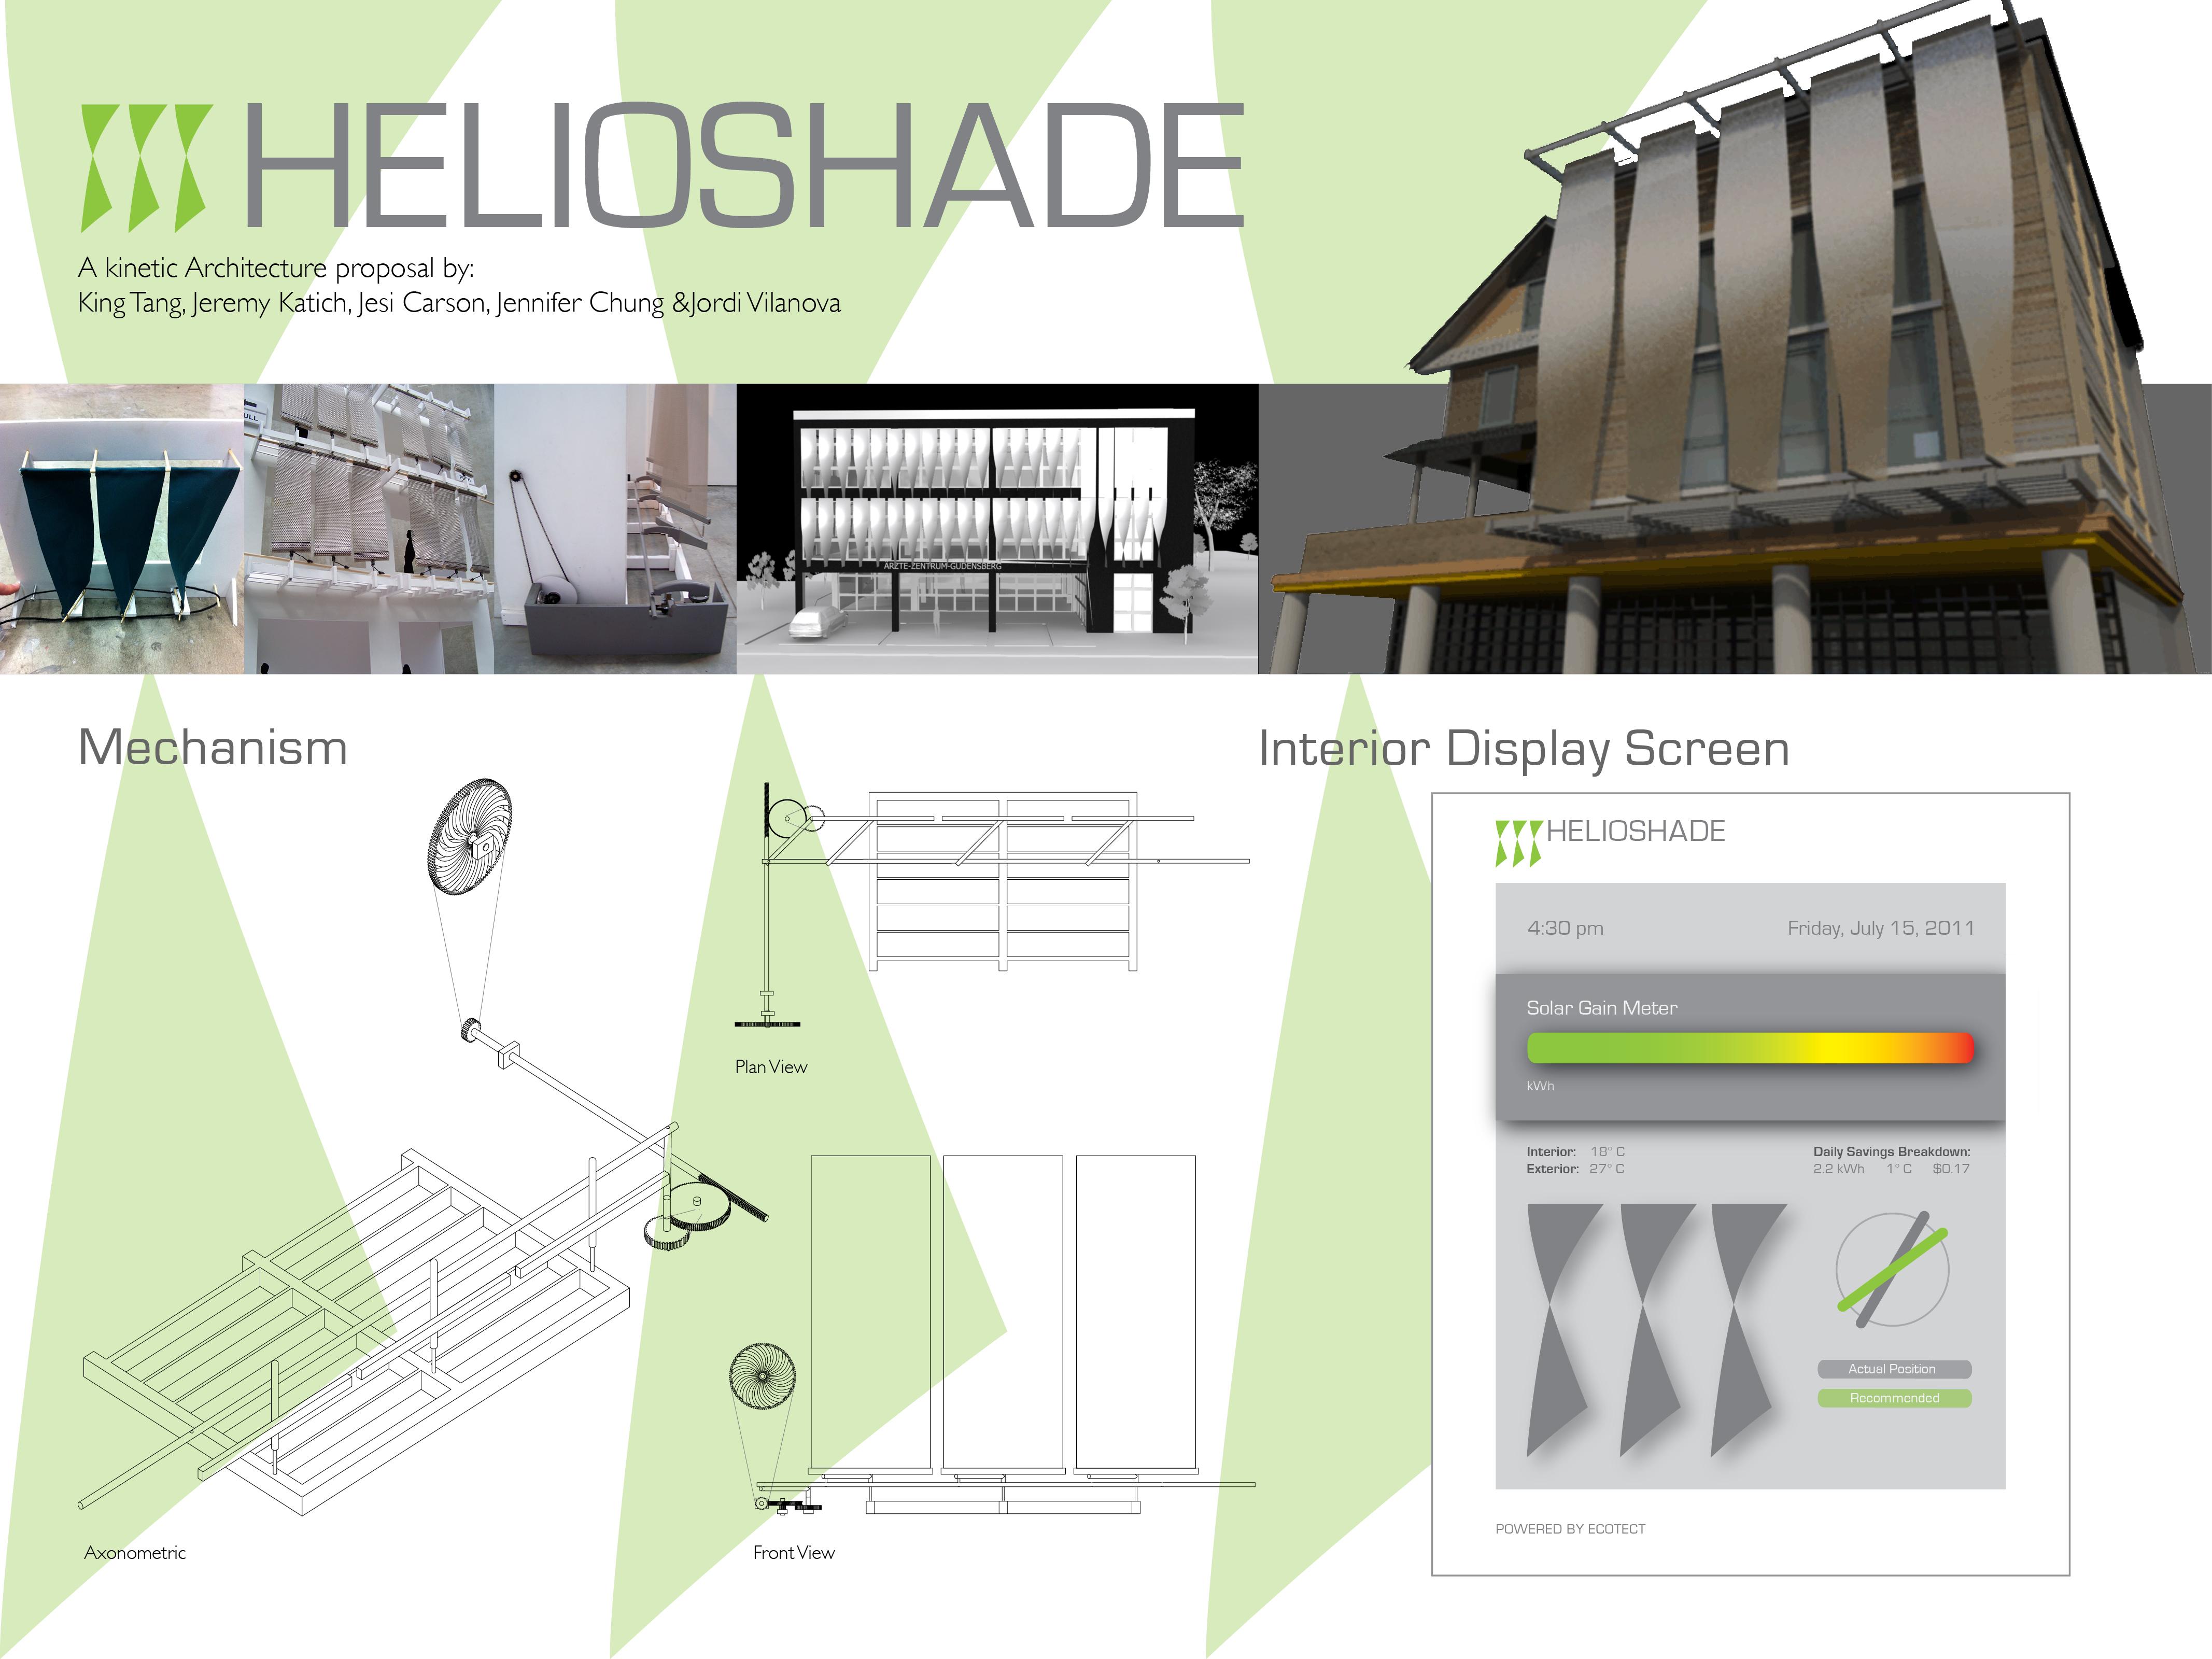 Helioshade Emily Carr University